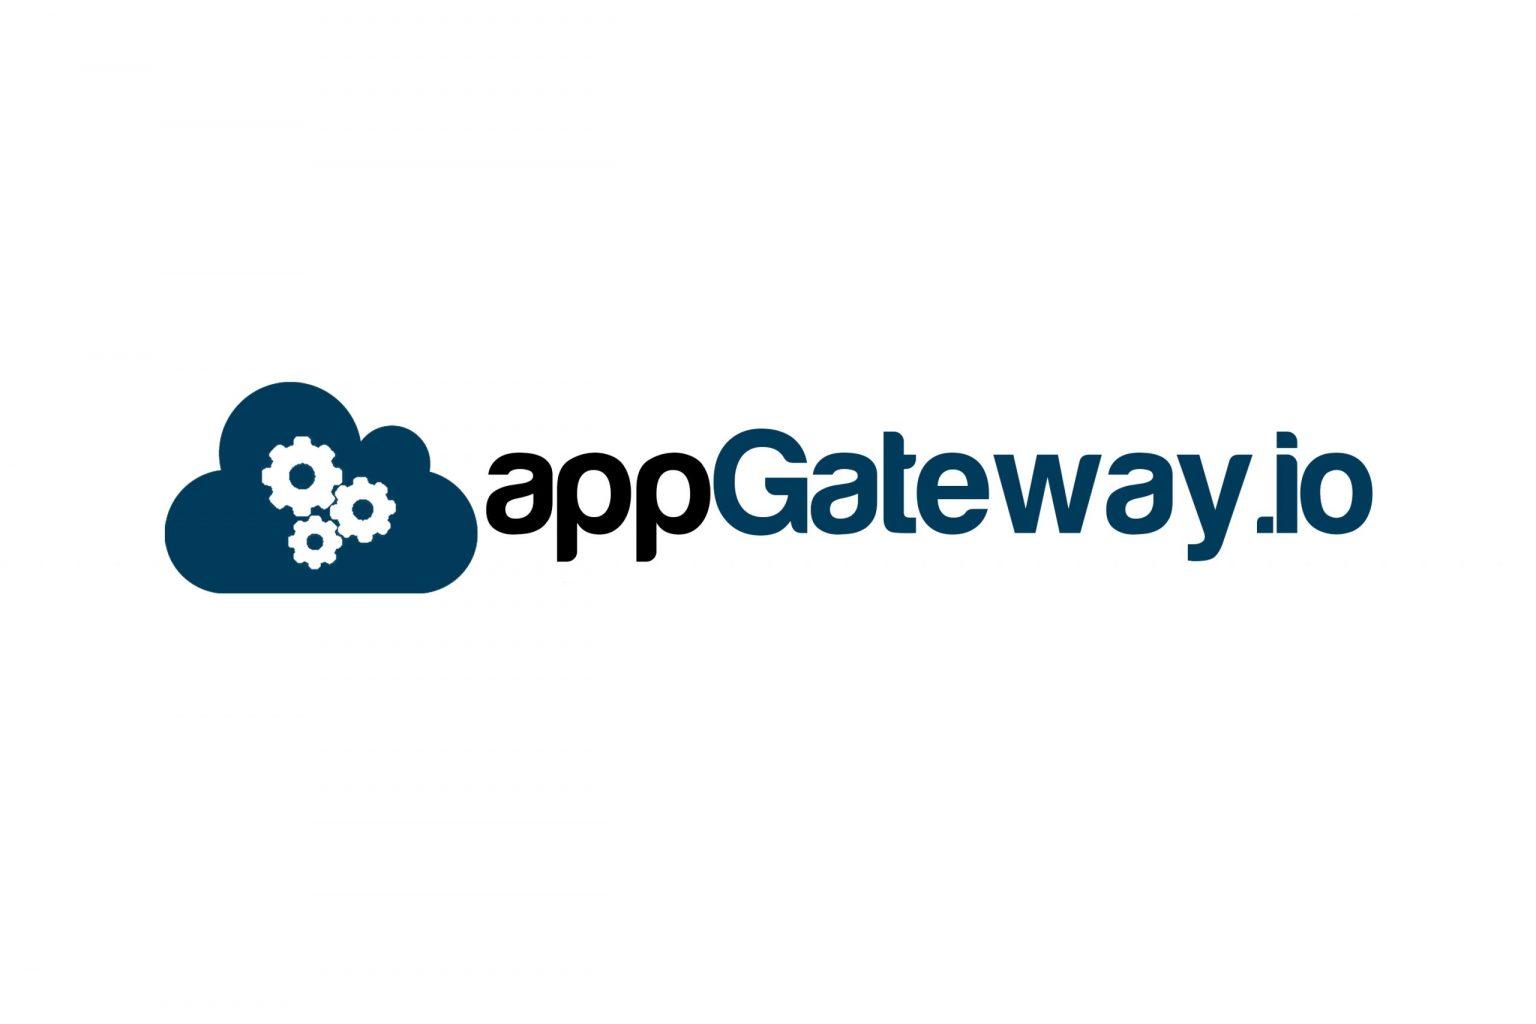 application gateway logo